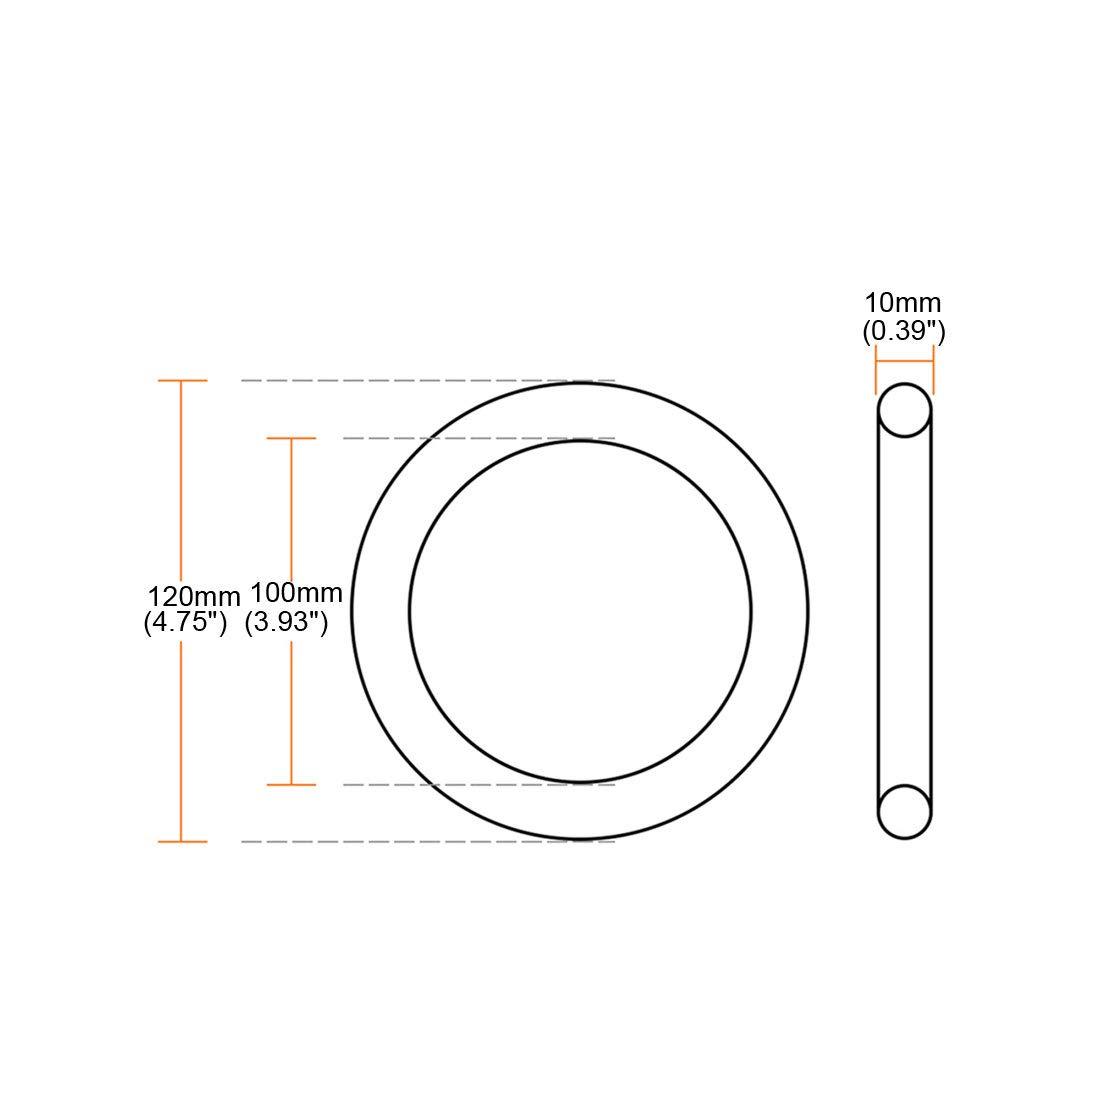 sourcing map hebilla de anillo de metal multiprop/ósito soldado 120 mm x 100 mm x 10 mm para accesorios de bricolaje anillo de mano de hardware